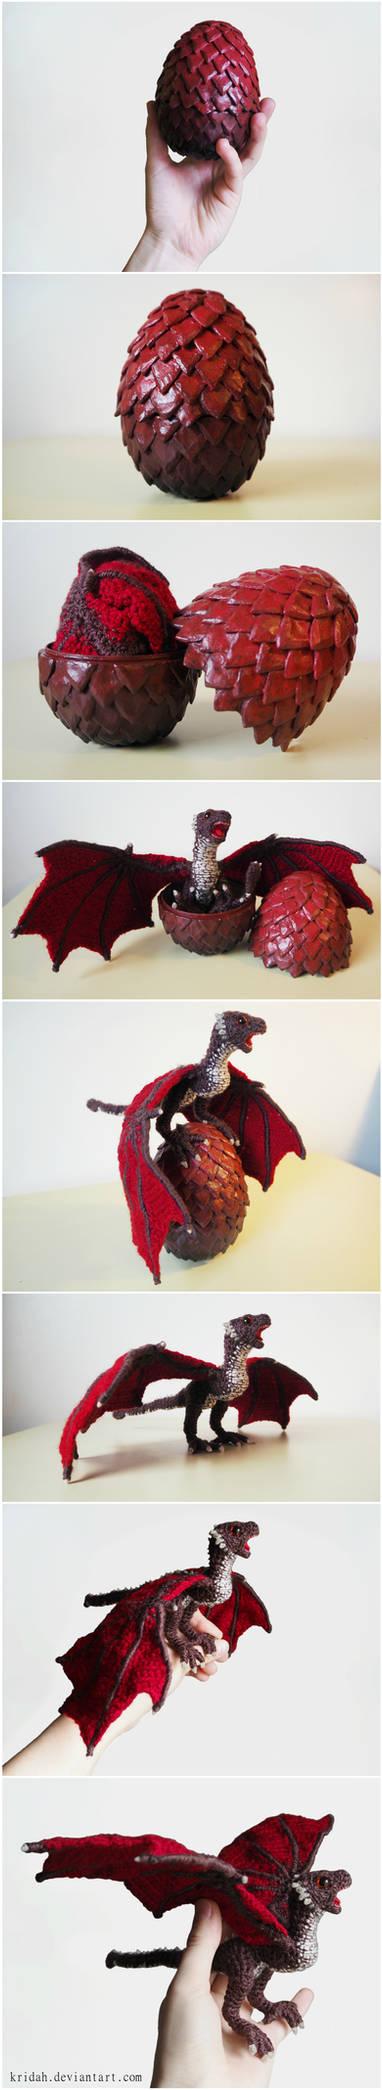 Baby Dragon and Egg